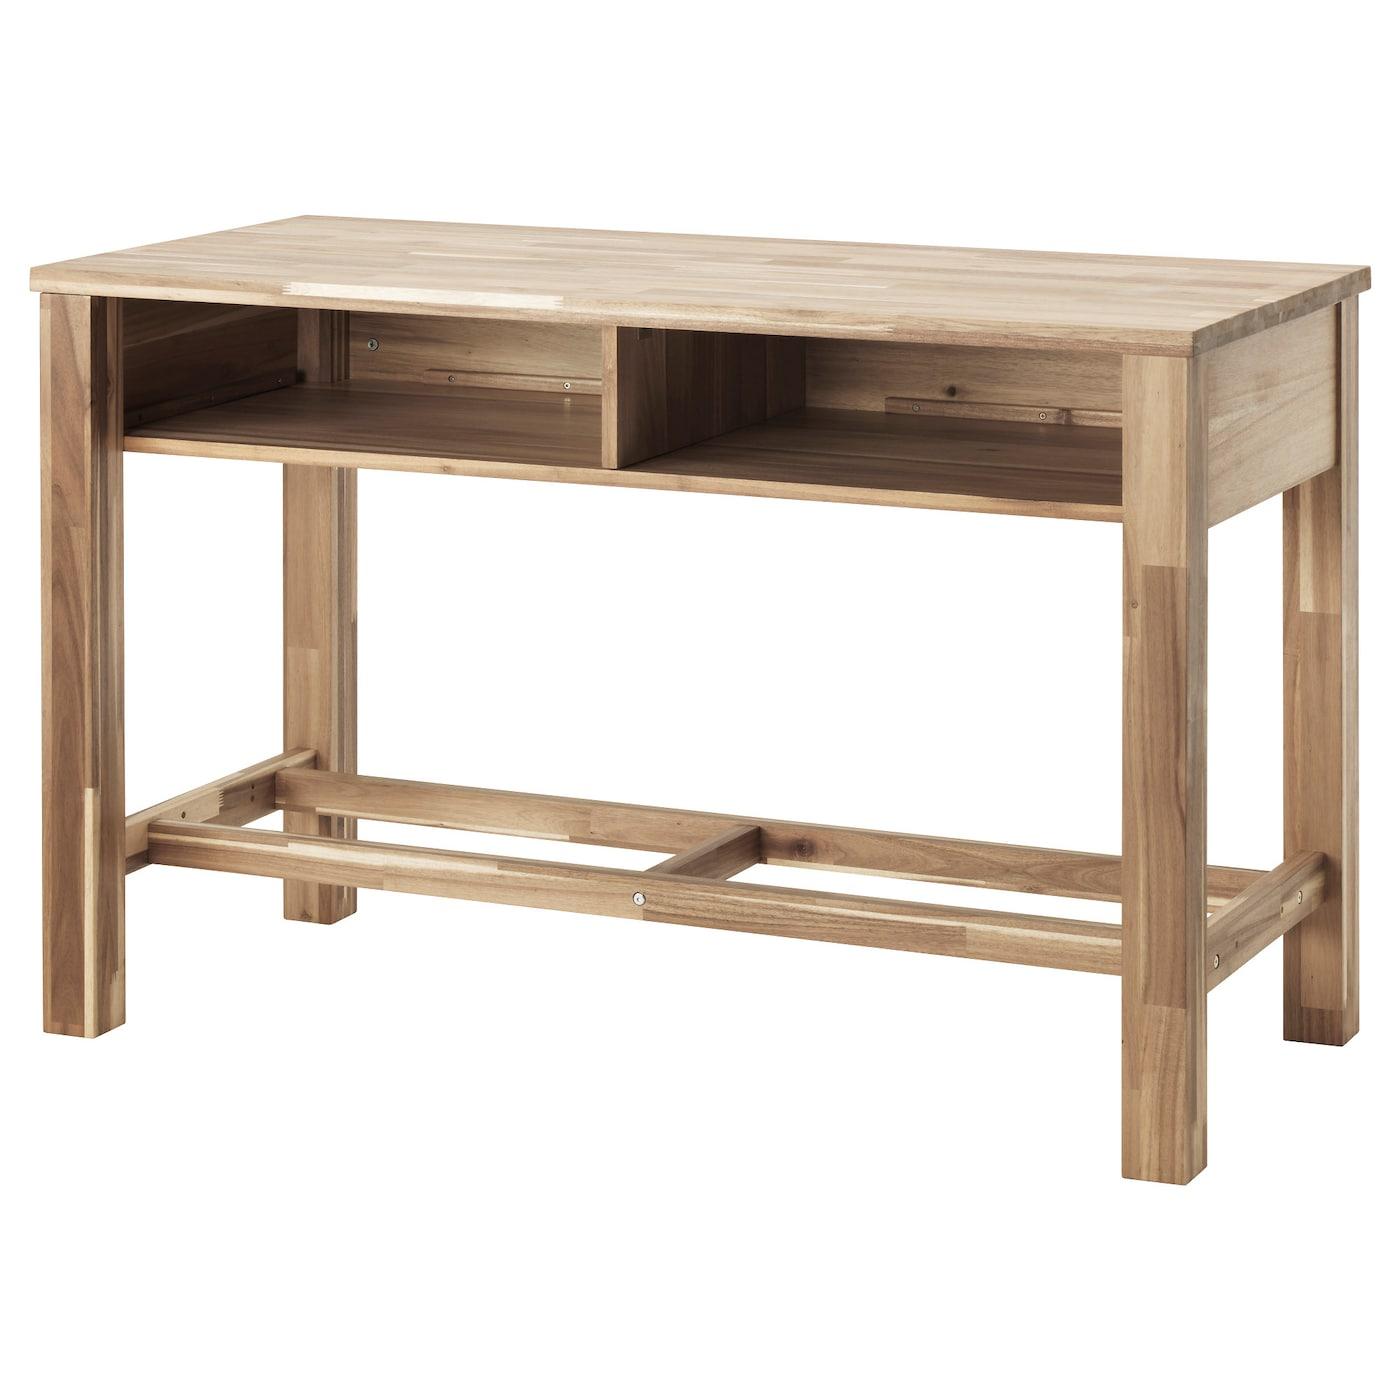 Tafels ikea for Ikea tafels